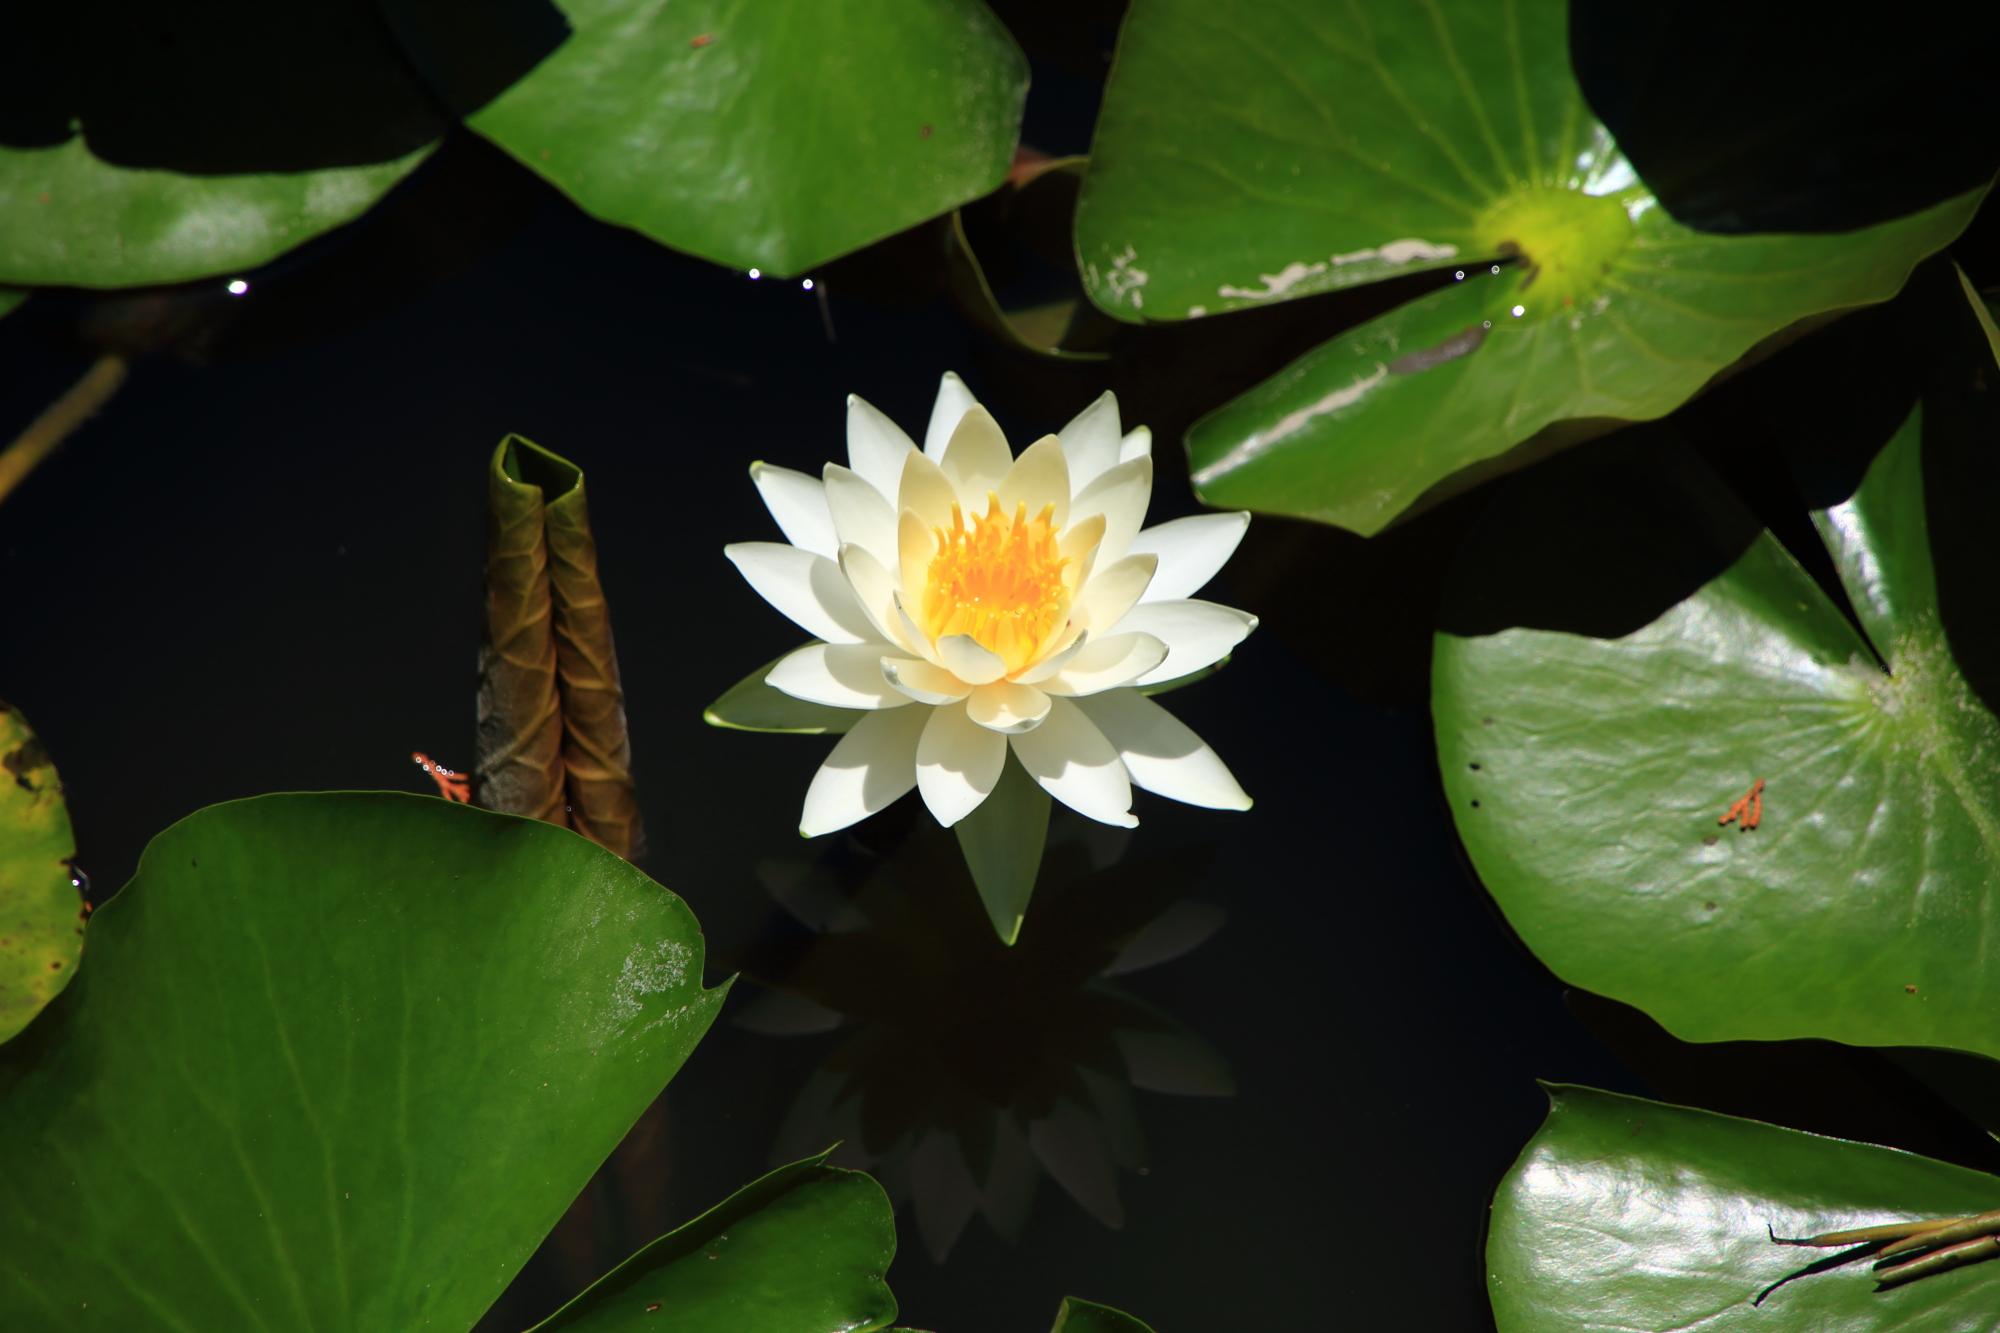 弾けんばかりに咲き誇る梅宮大社の見事な睡蓮の花